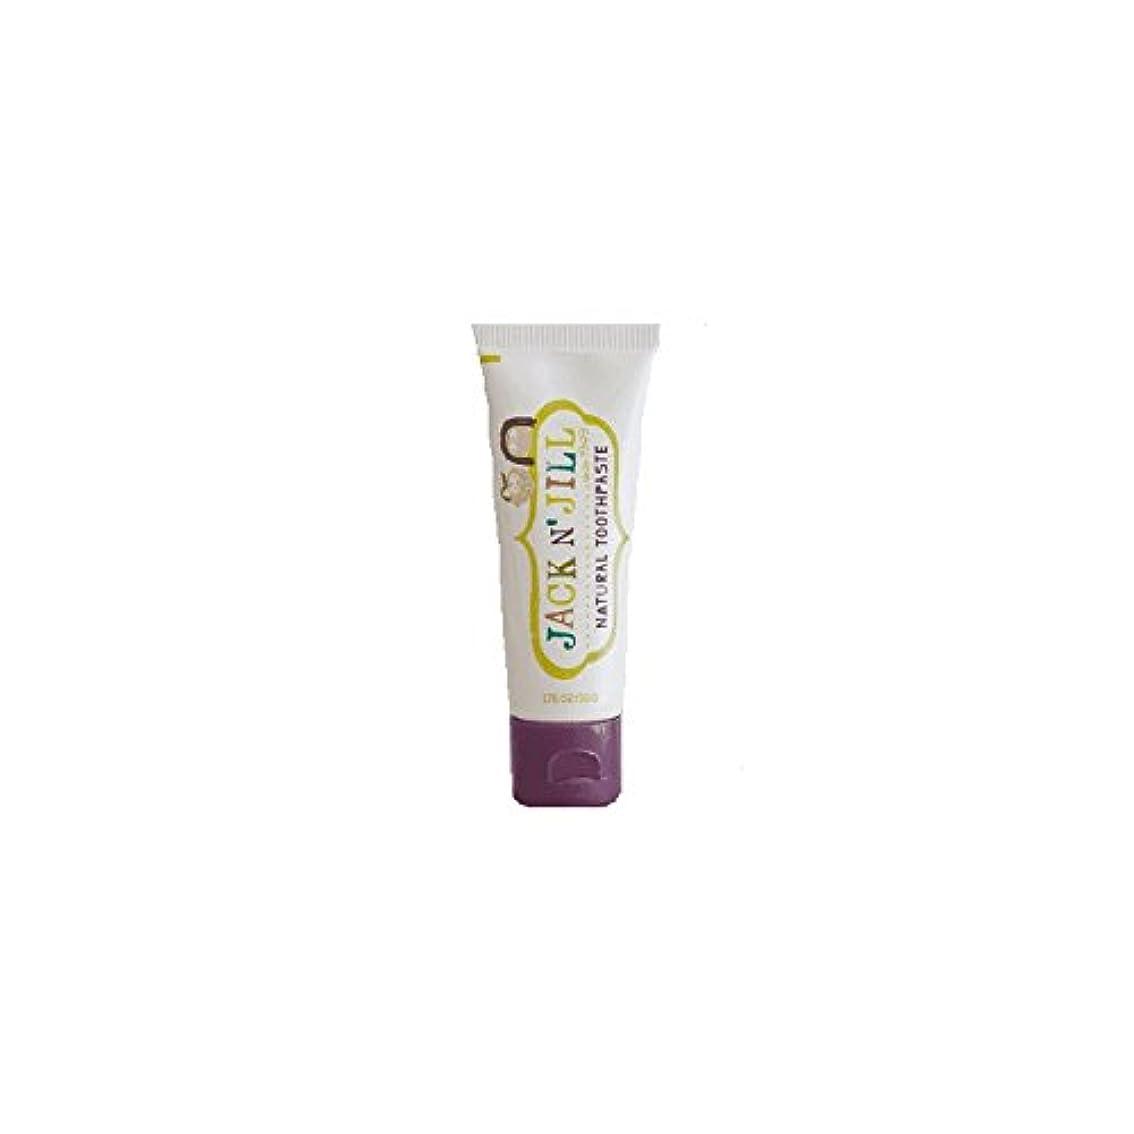 ジャックN 'はジルの天然歯磨き粉有機ブラックカラント50グラム - Jack N' Jill Natural Toothpaste Organic Blackcurrant 50g (Jack N' Jill) [並行輸入品]